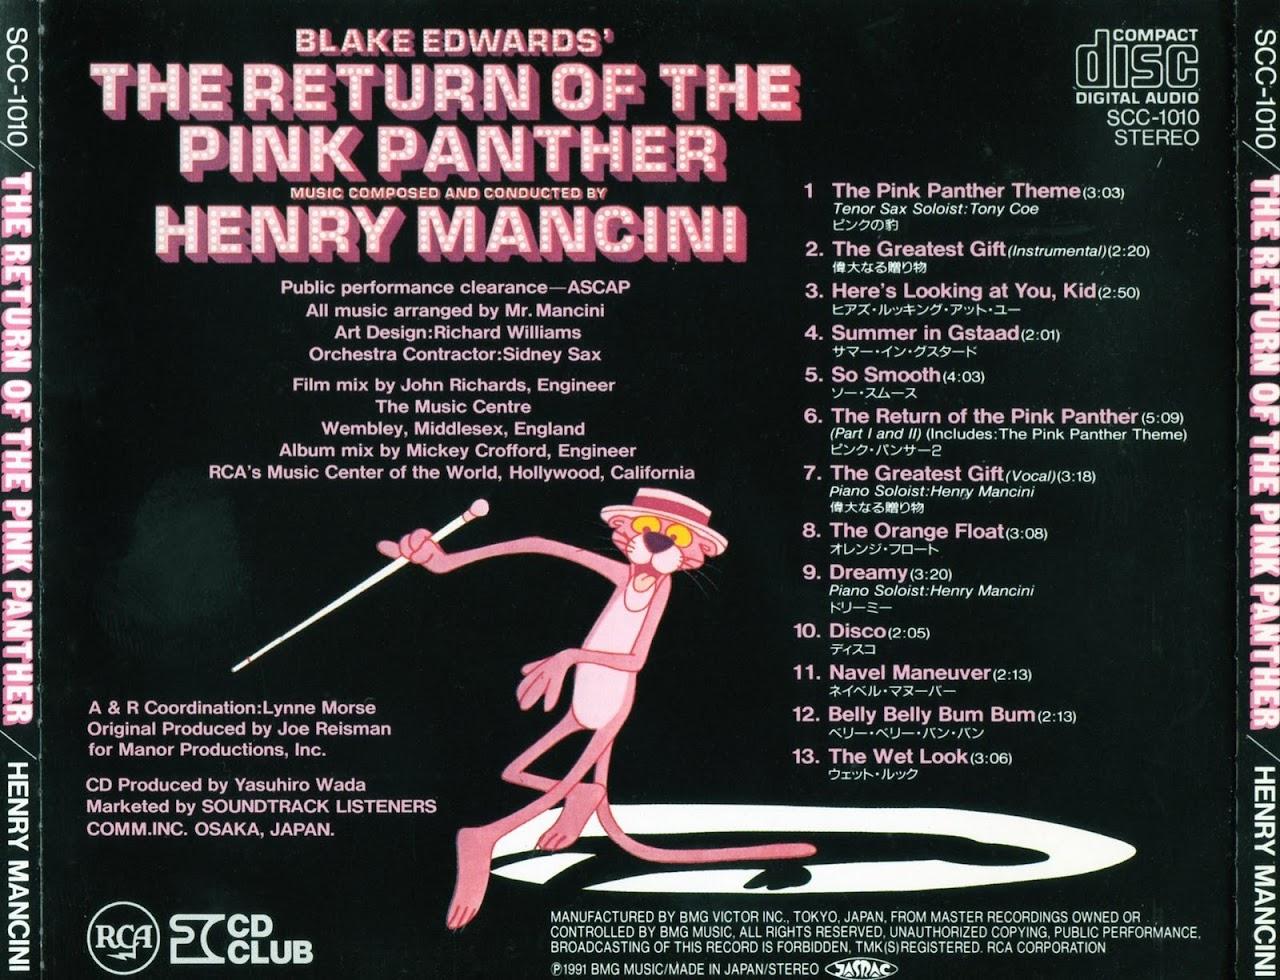 http://2.bp.blogspot.com/-KKu1jN6pPAM/TVXr-z4WyBI/AAAAAAAAAIg/Iipy7UMCX0o/s1600/Return+of+The+Pink+Panther+Mancini002.jpg